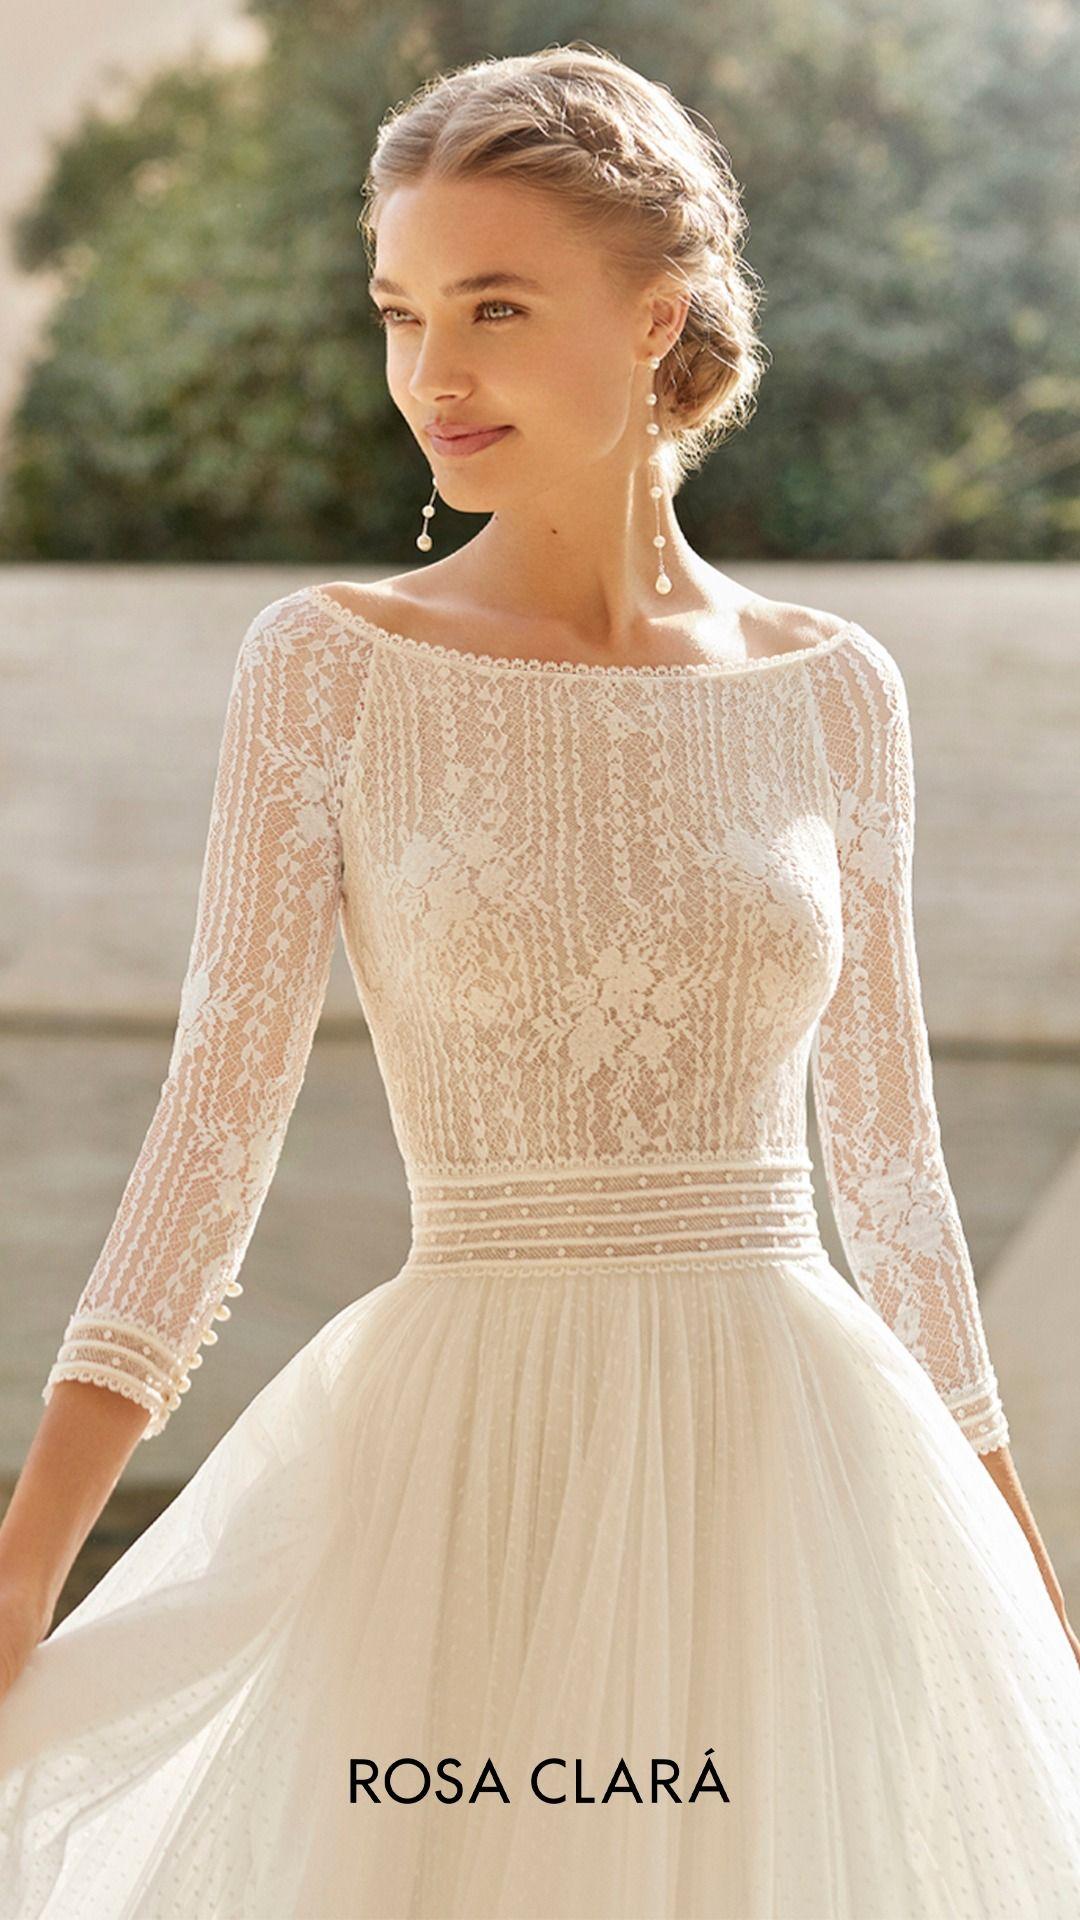 Entdecken Sie die neuen Kollektionen an #Brautkleider. Mit Liebe und Feinfühligkeit entworfene und konfektionierte Brautkleider. #rosaclara #braut #weddingdress #bridal #bridaldresses